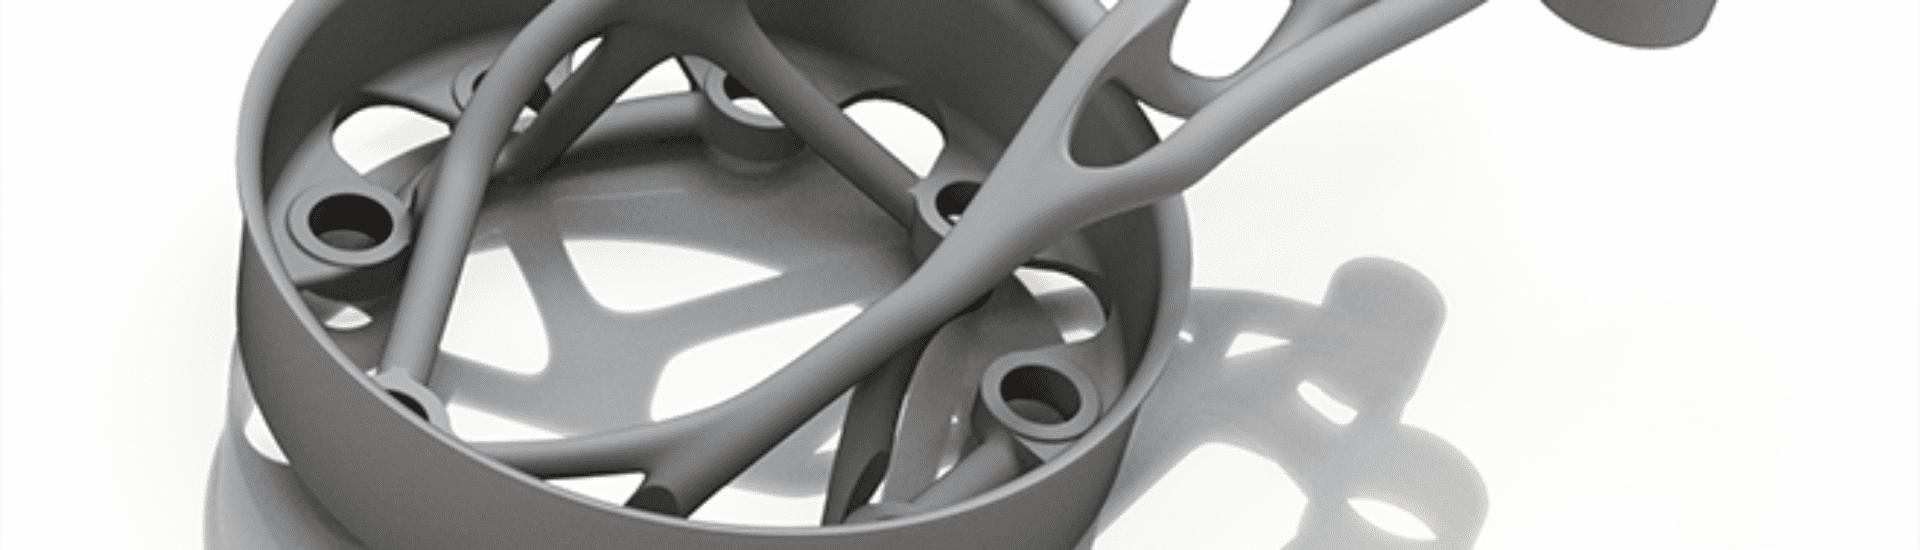 Topologie Optimalisatie Oceanz 3D Printing